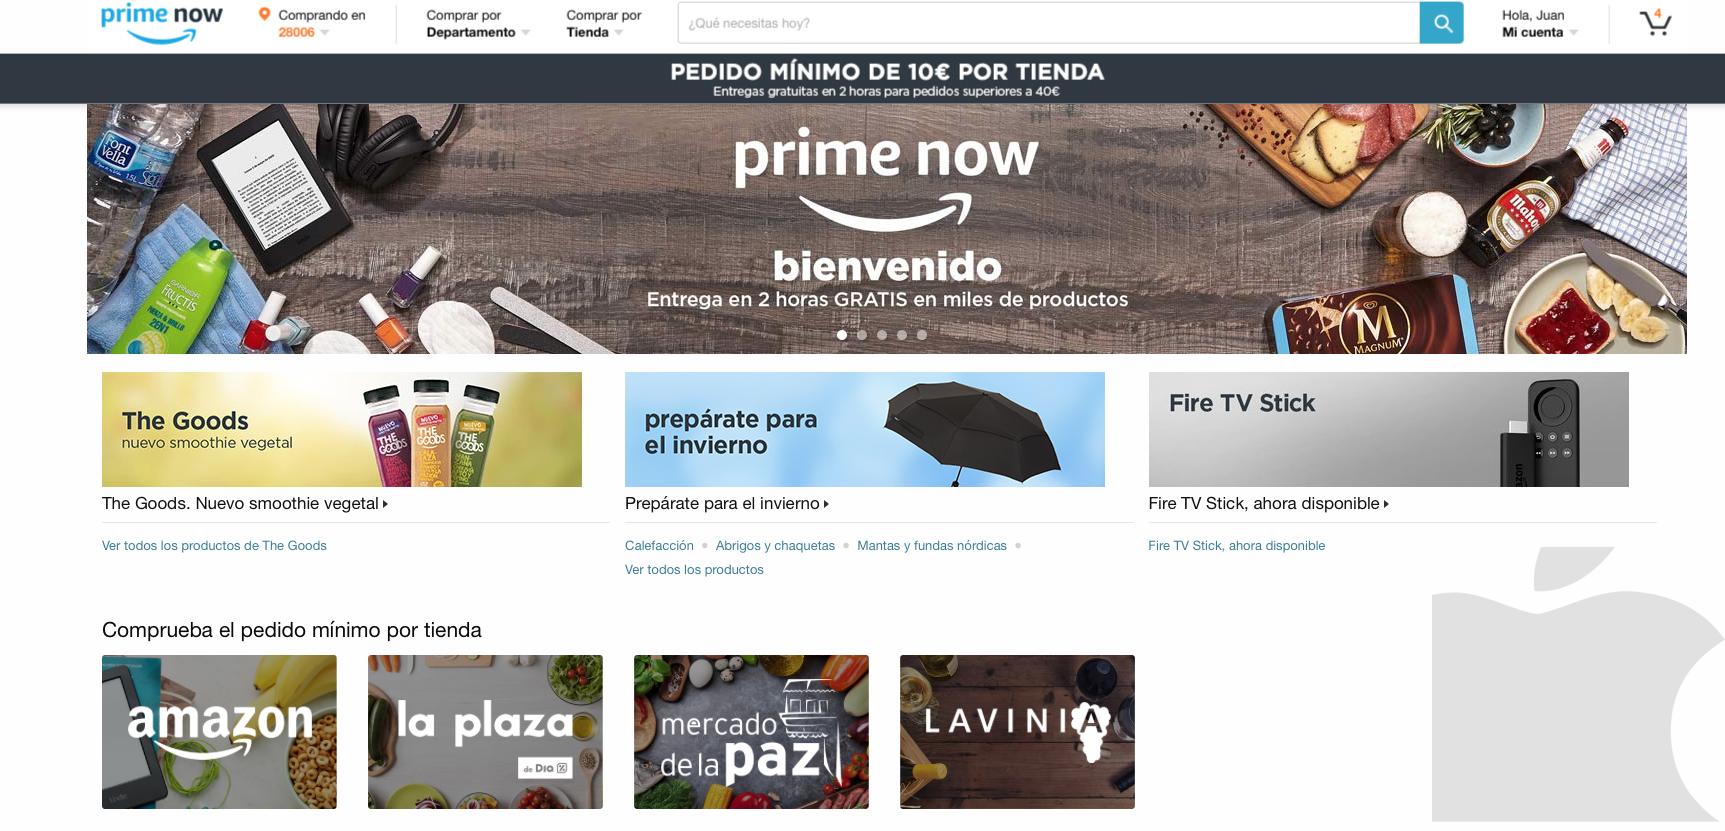 Precio Prime Now De Amazon